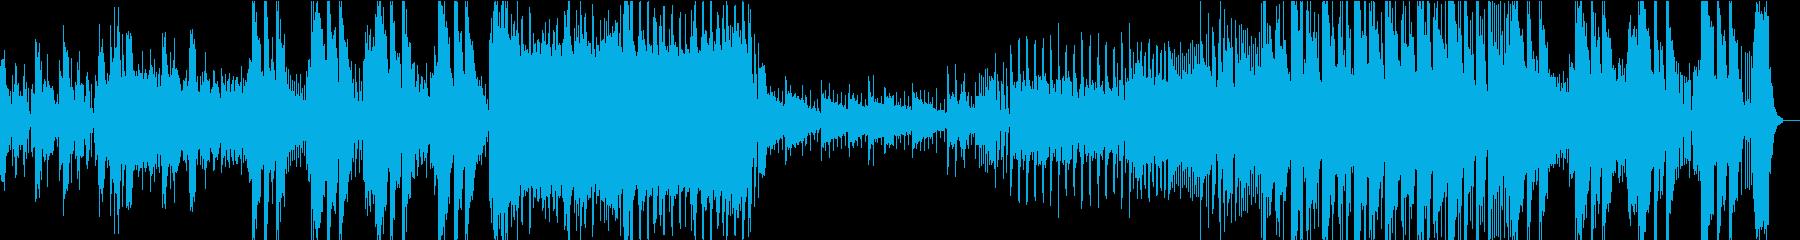 ド派手なEDM FutureBassの再生済みの波形